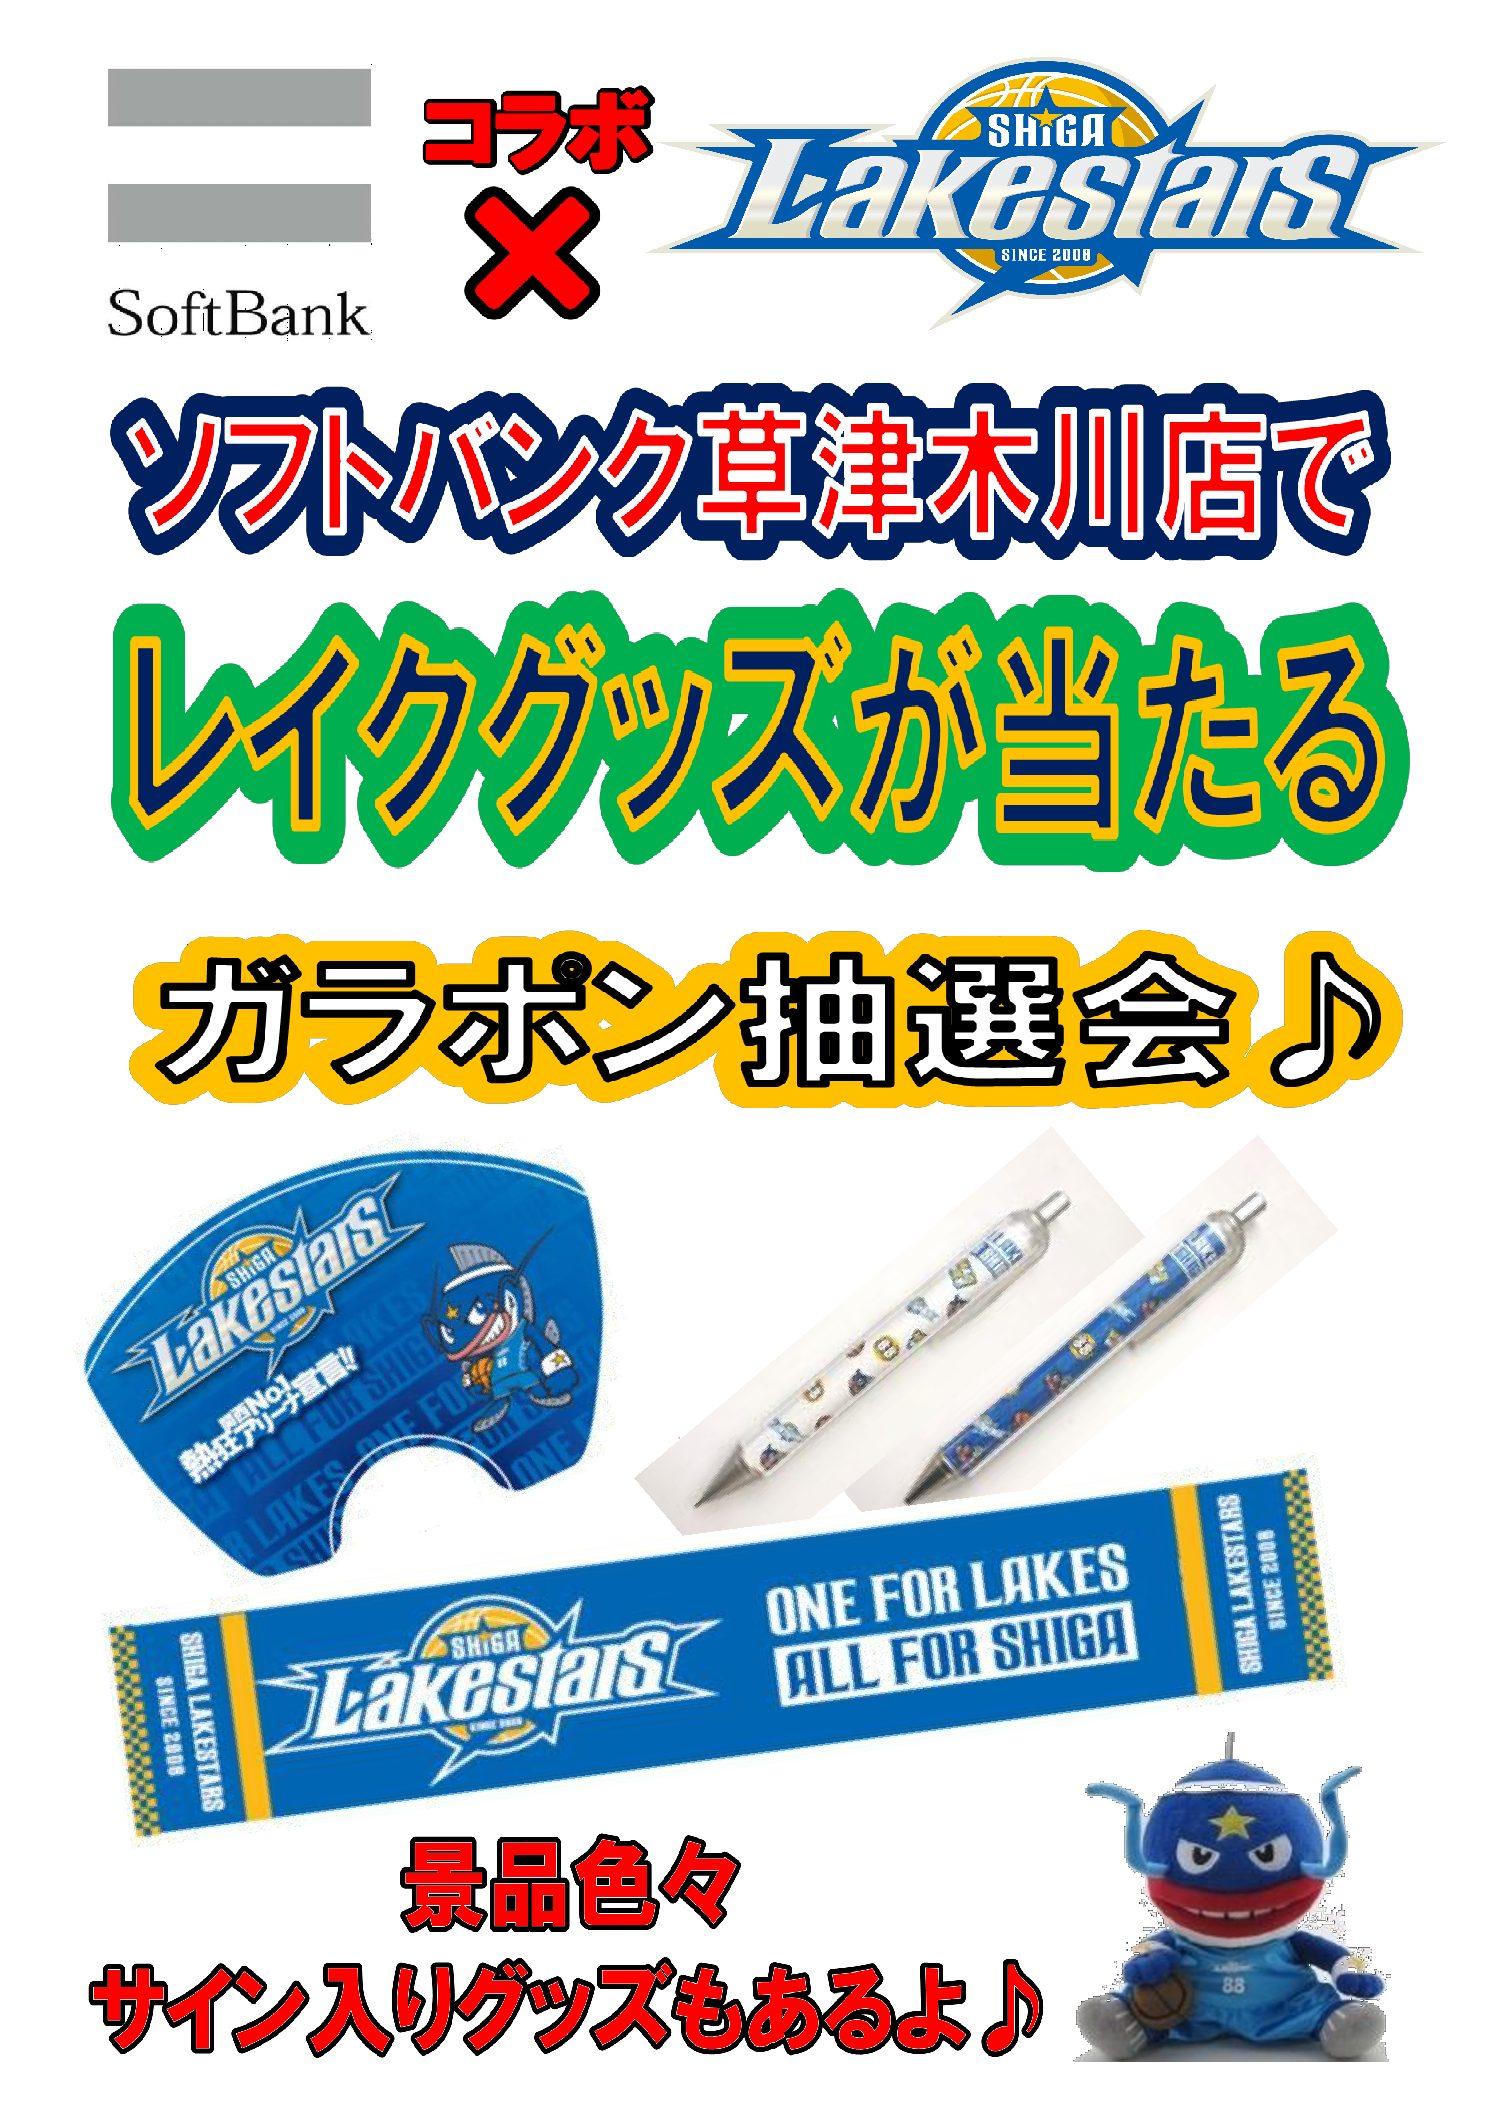 ソフトバンク草津×滋賀レイクスターズコラボイベント(画像)